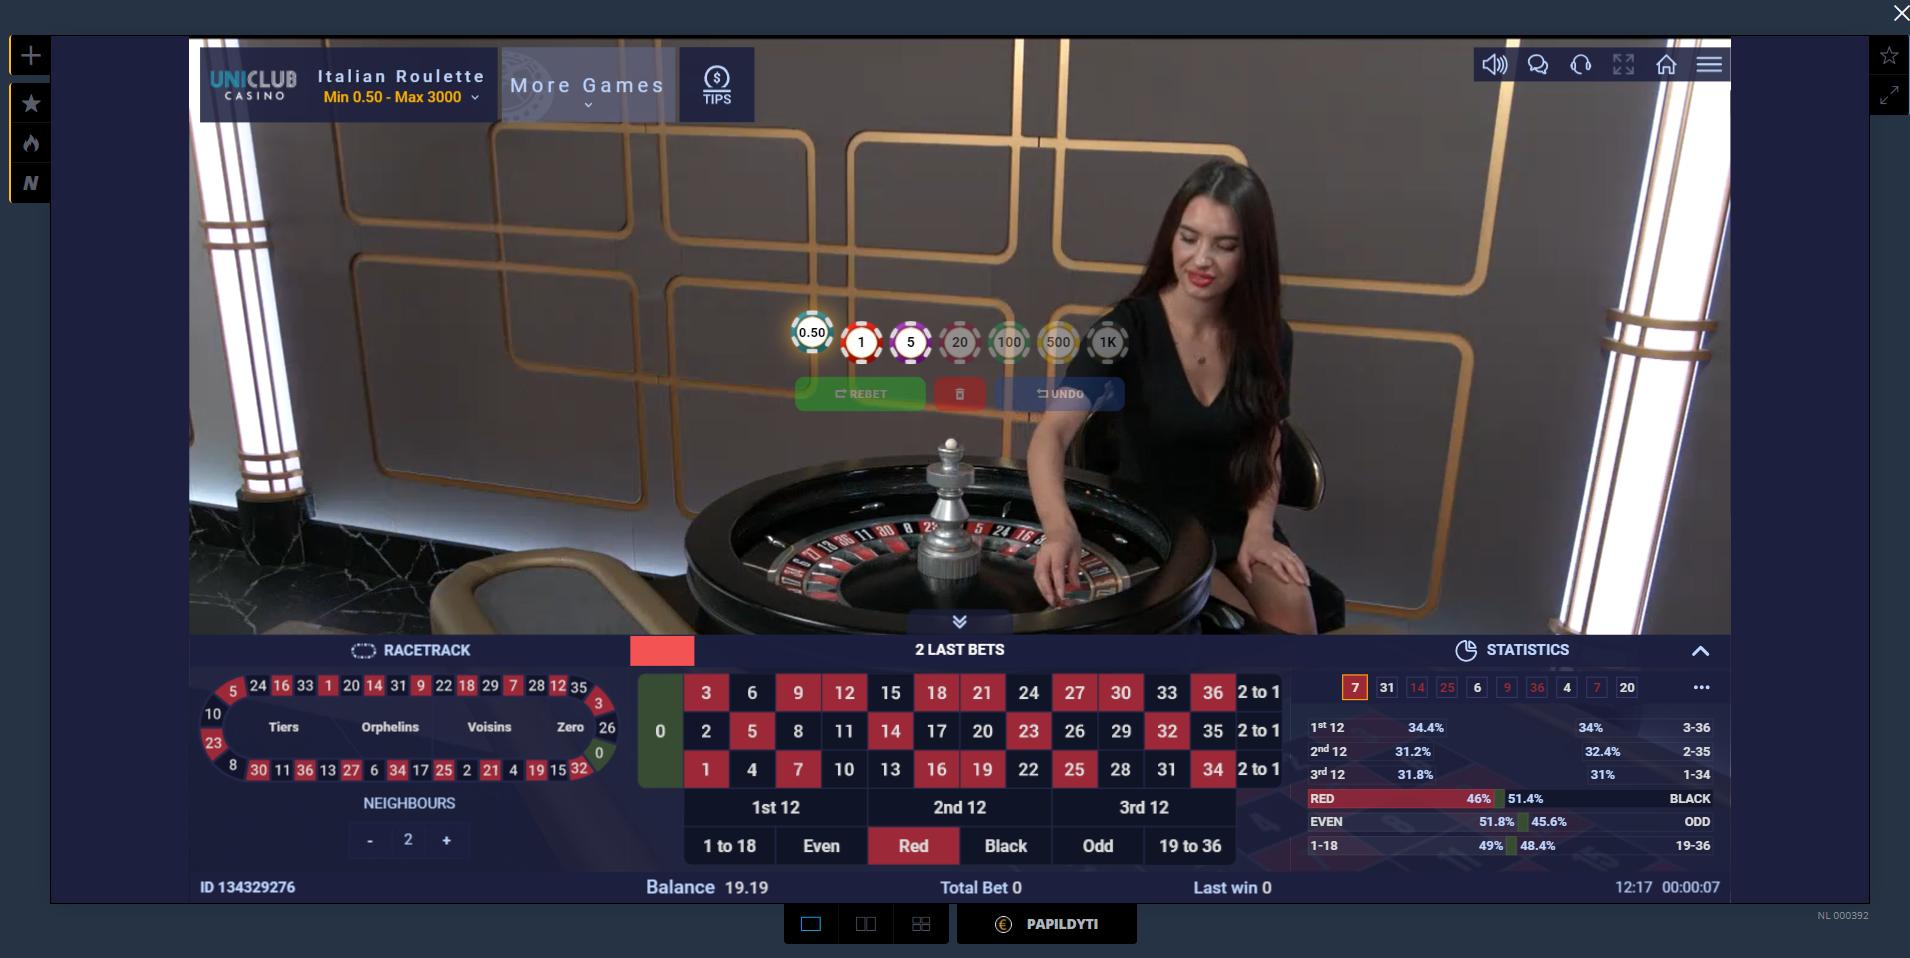 uniclub casino ezugi live kazino žaidimai ruletė gyvai dalintoja krupjė